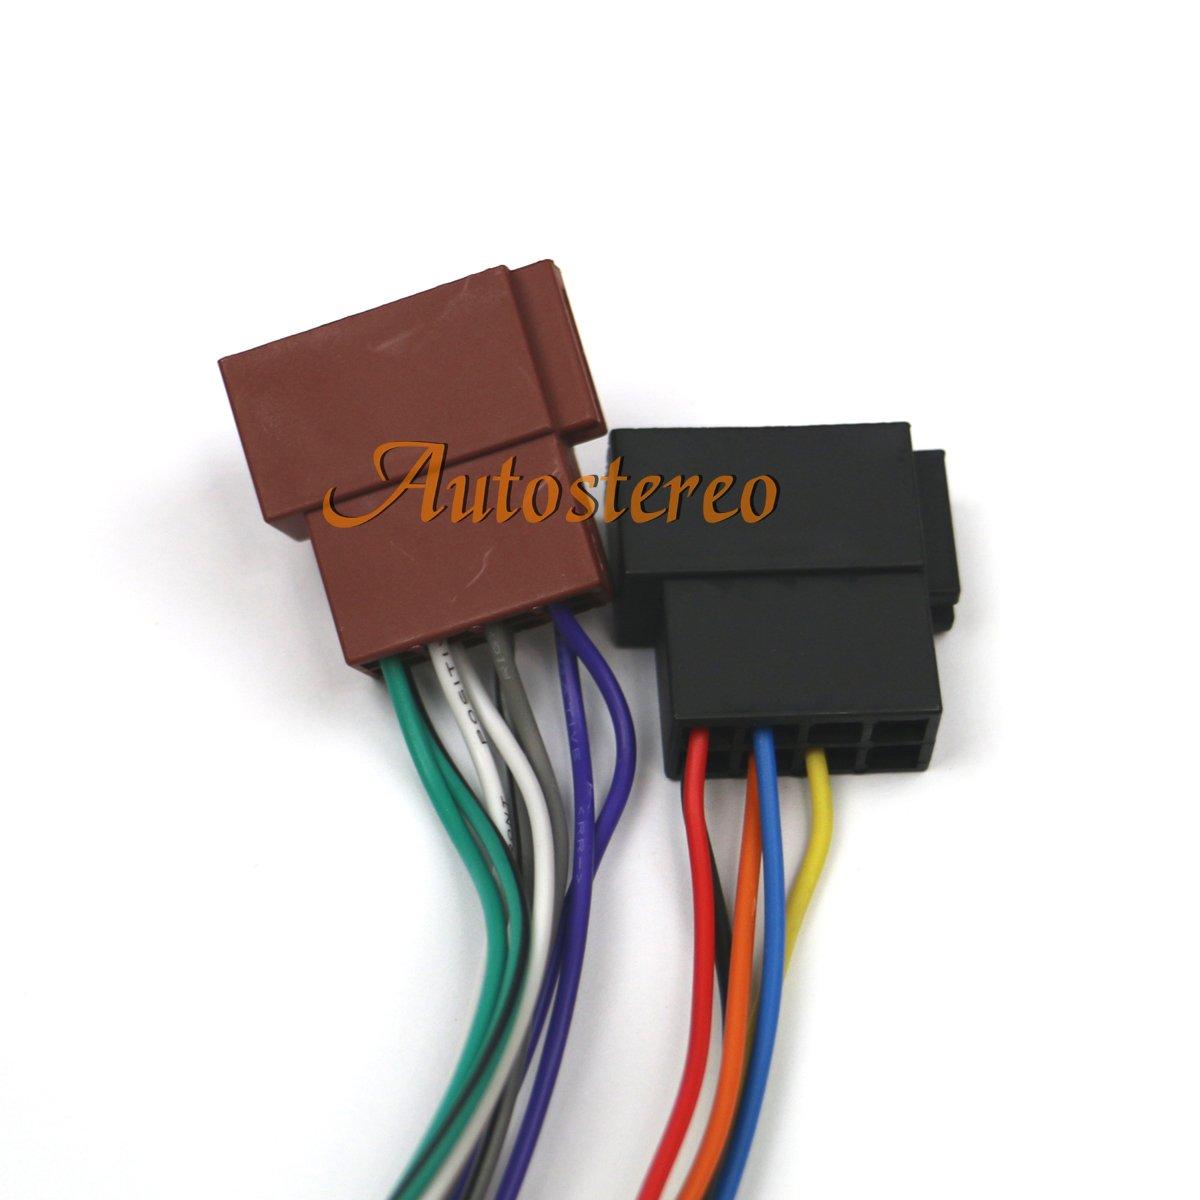 ISO head-unit cavo per Pioneer deh-series 2010 ZWNAV ISO Auto Radio Stereo Audio Cable 15-107 cablaggio standard ISO per Pioneer deh-series 16 poli 23 x 10 mm